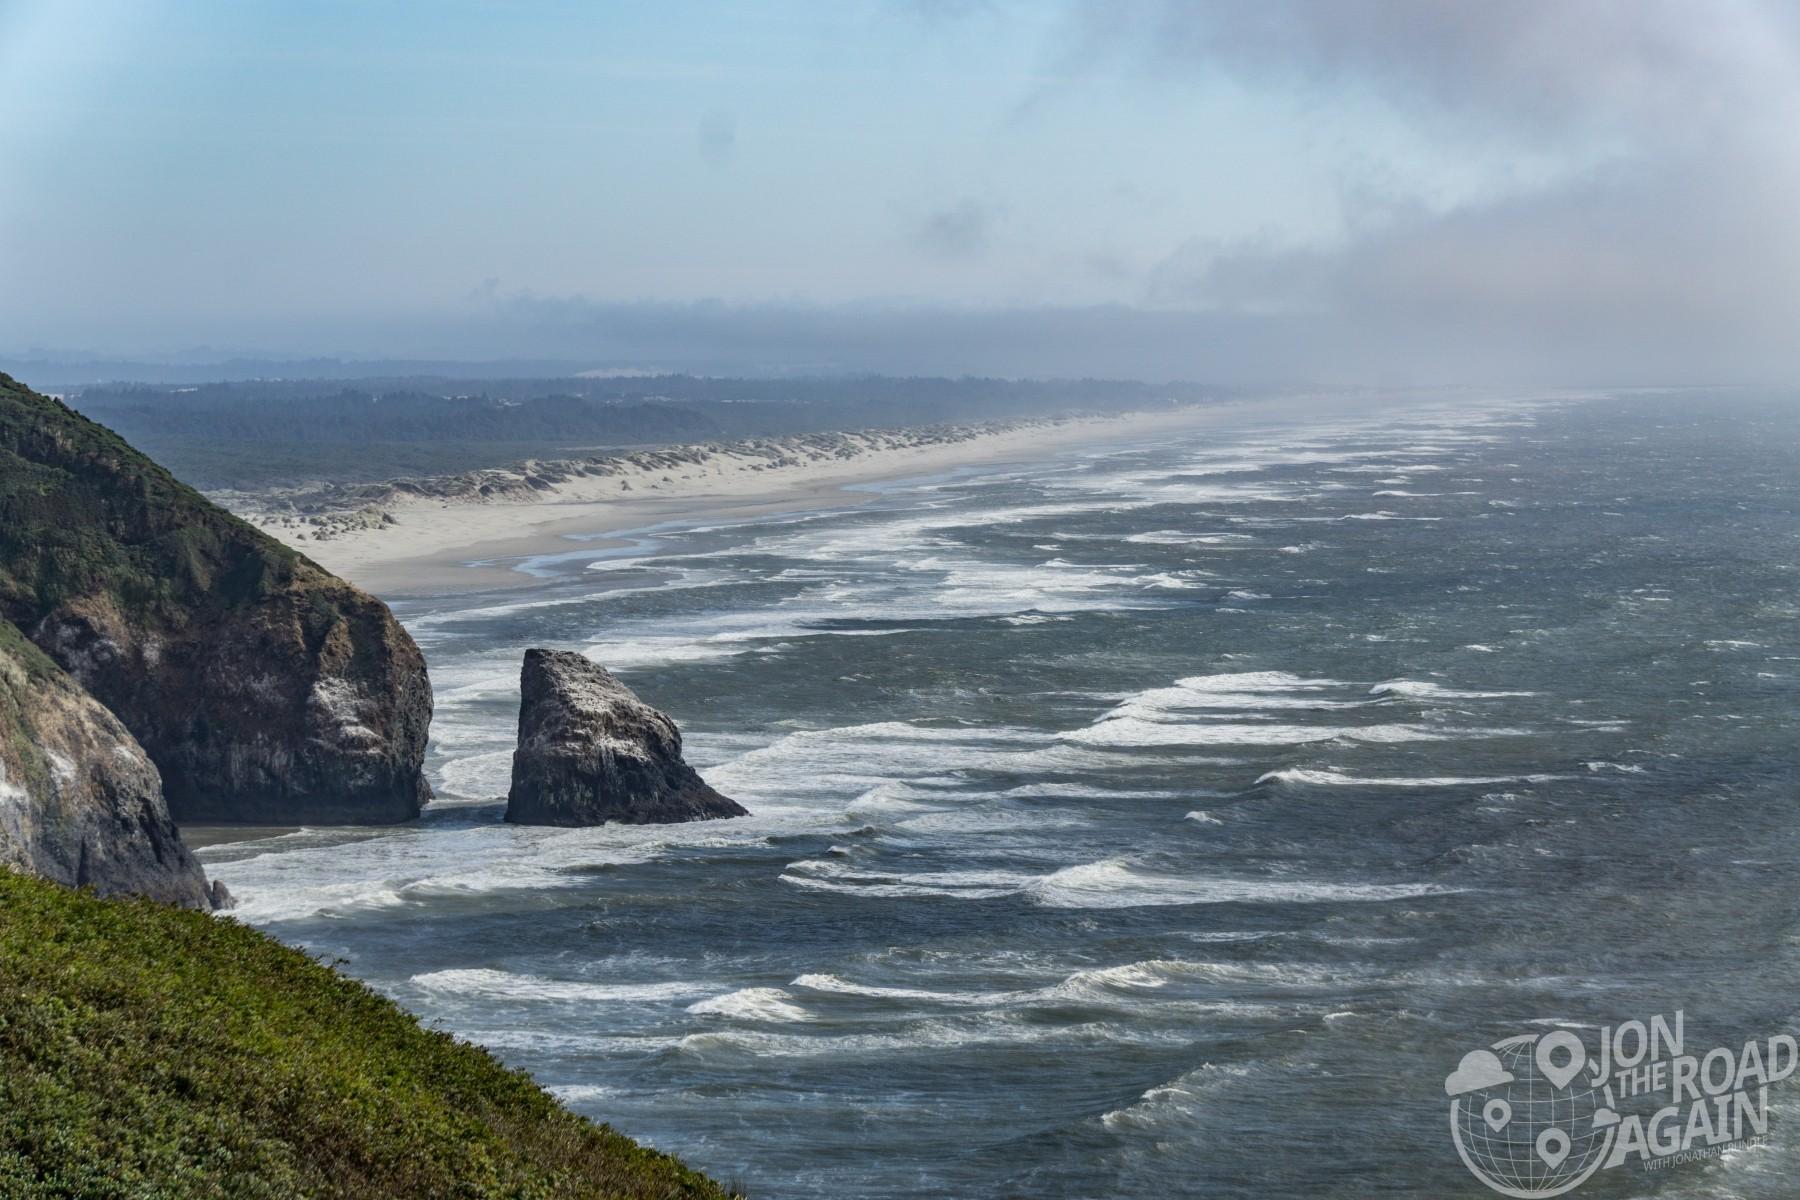 Oregon coastline / Oregon Dunes coastline